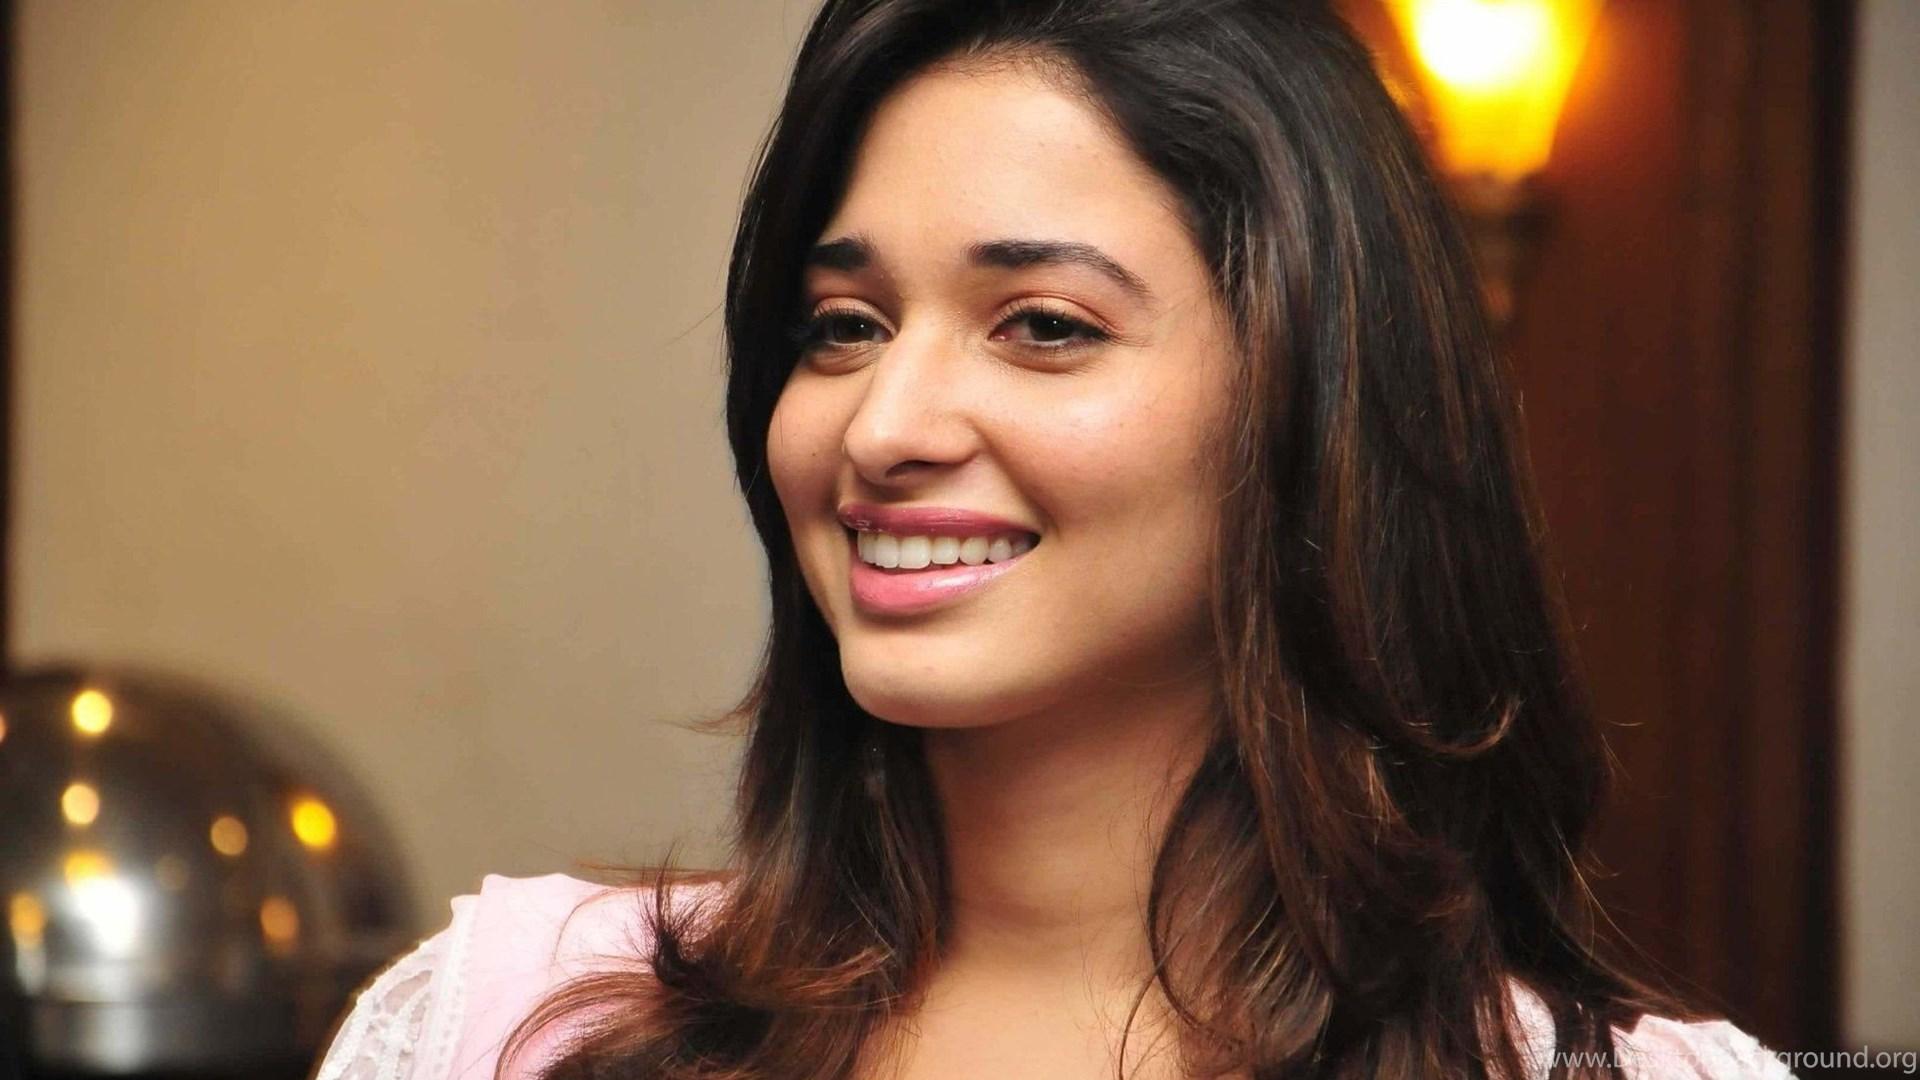 beautiful tamanna bhatia hd wallpapers desktop background